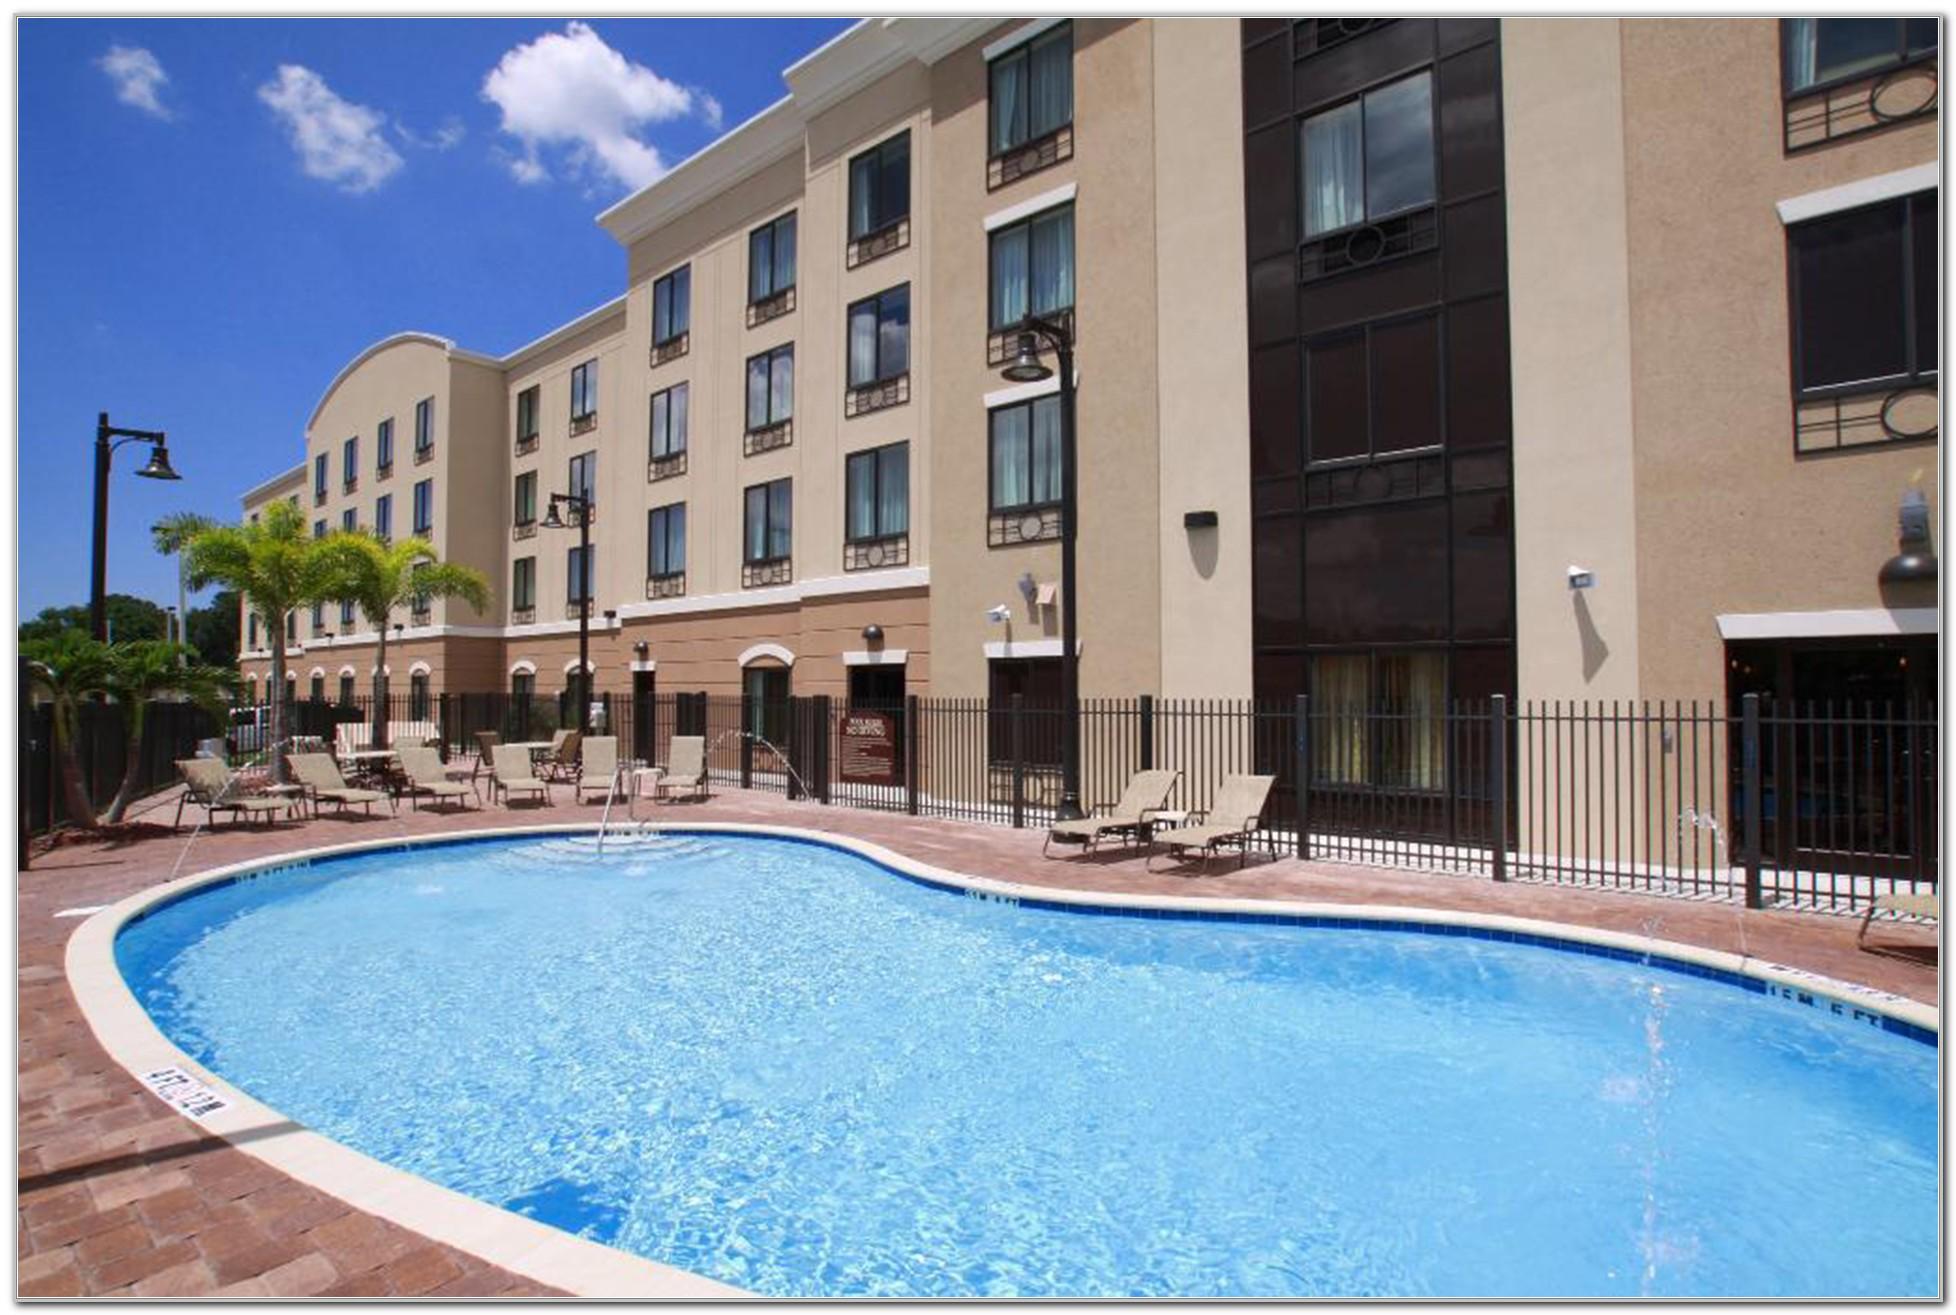 Busch Gardens Tampa Hotels